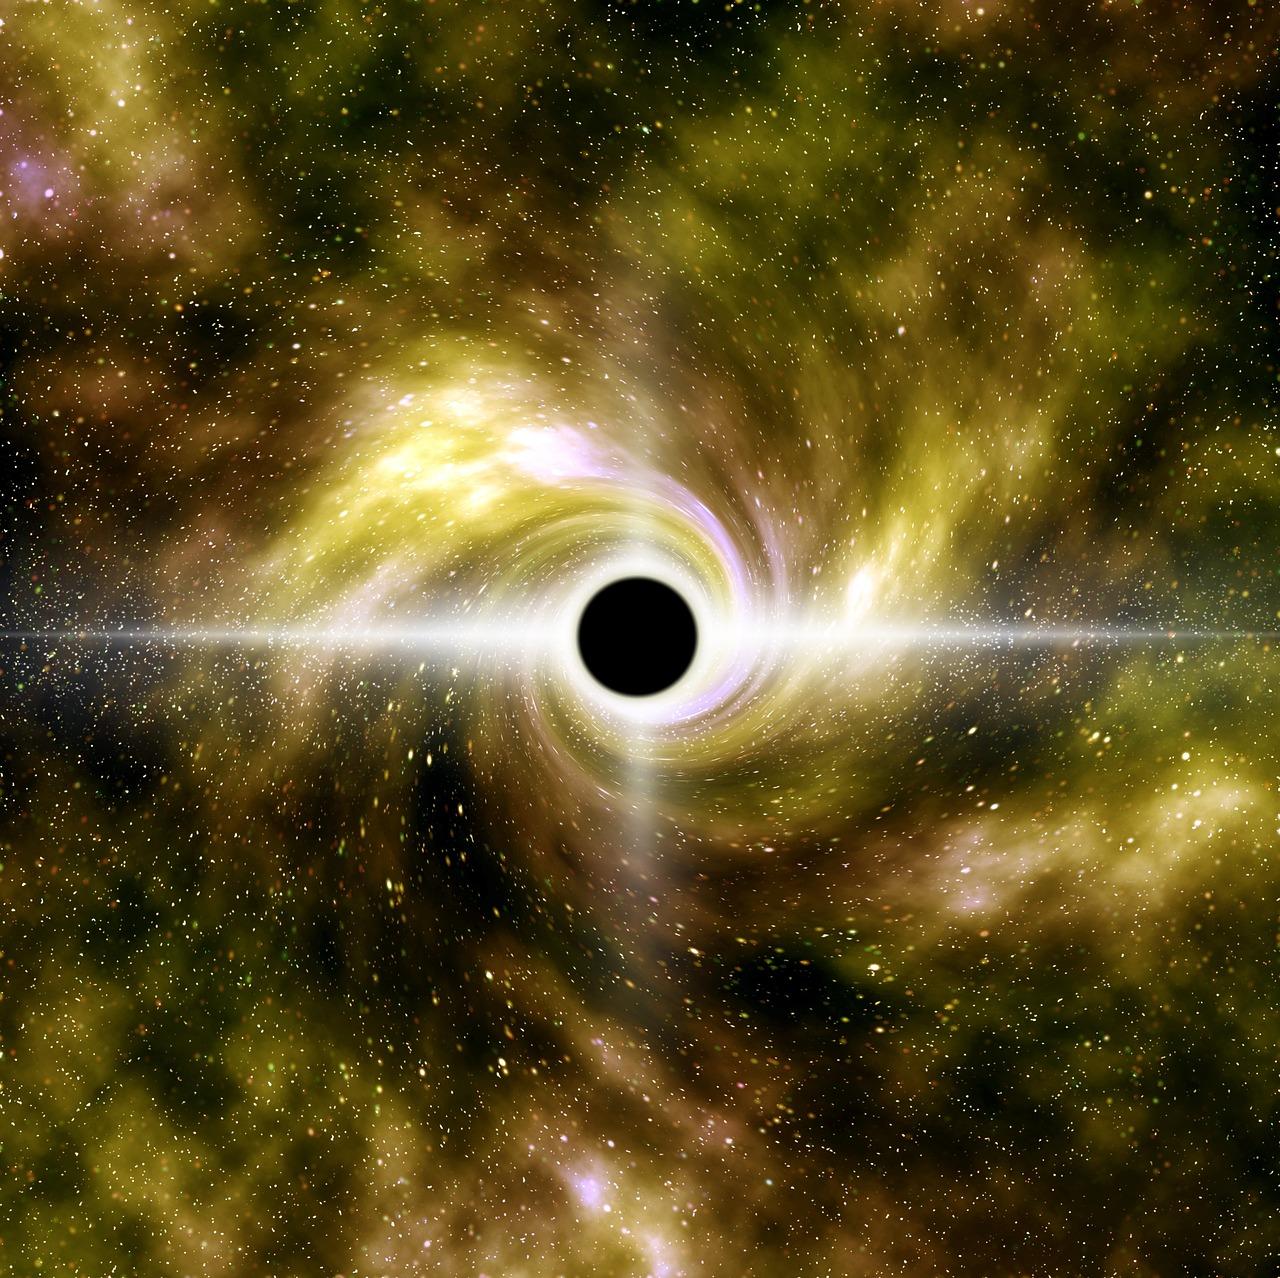 サルでも!理解度120%ブラックホールについて